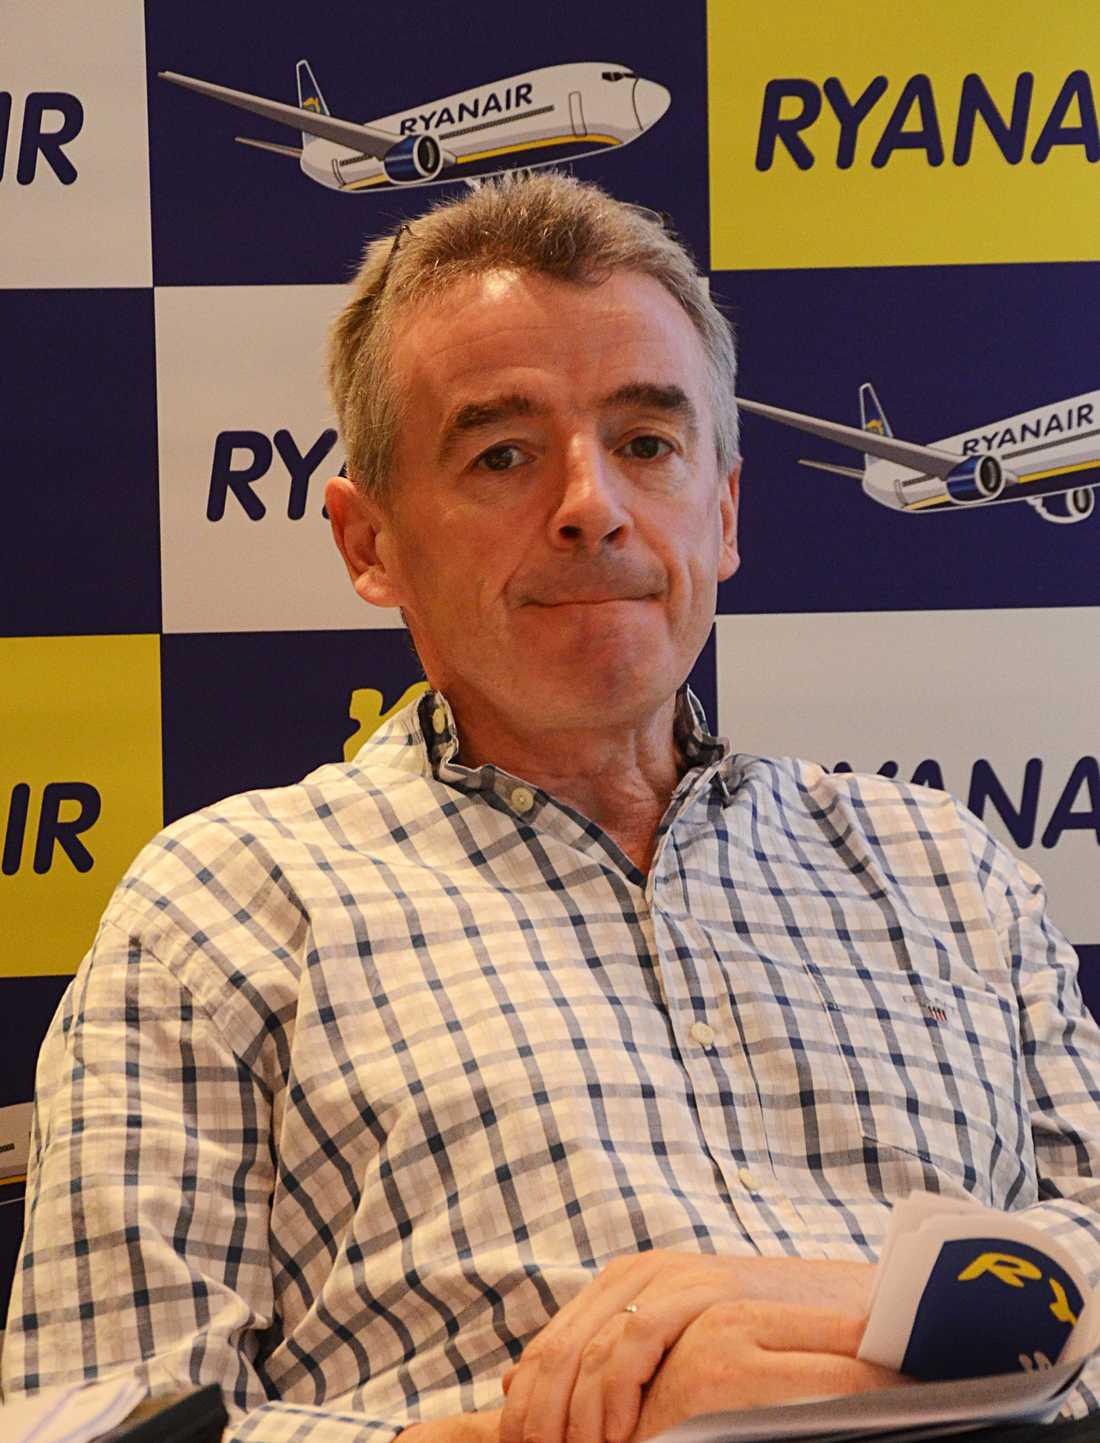 Vill satsa på Sverige, men det är svårt att komma in på svenska flygplatser, tycker Michael O'Leary.